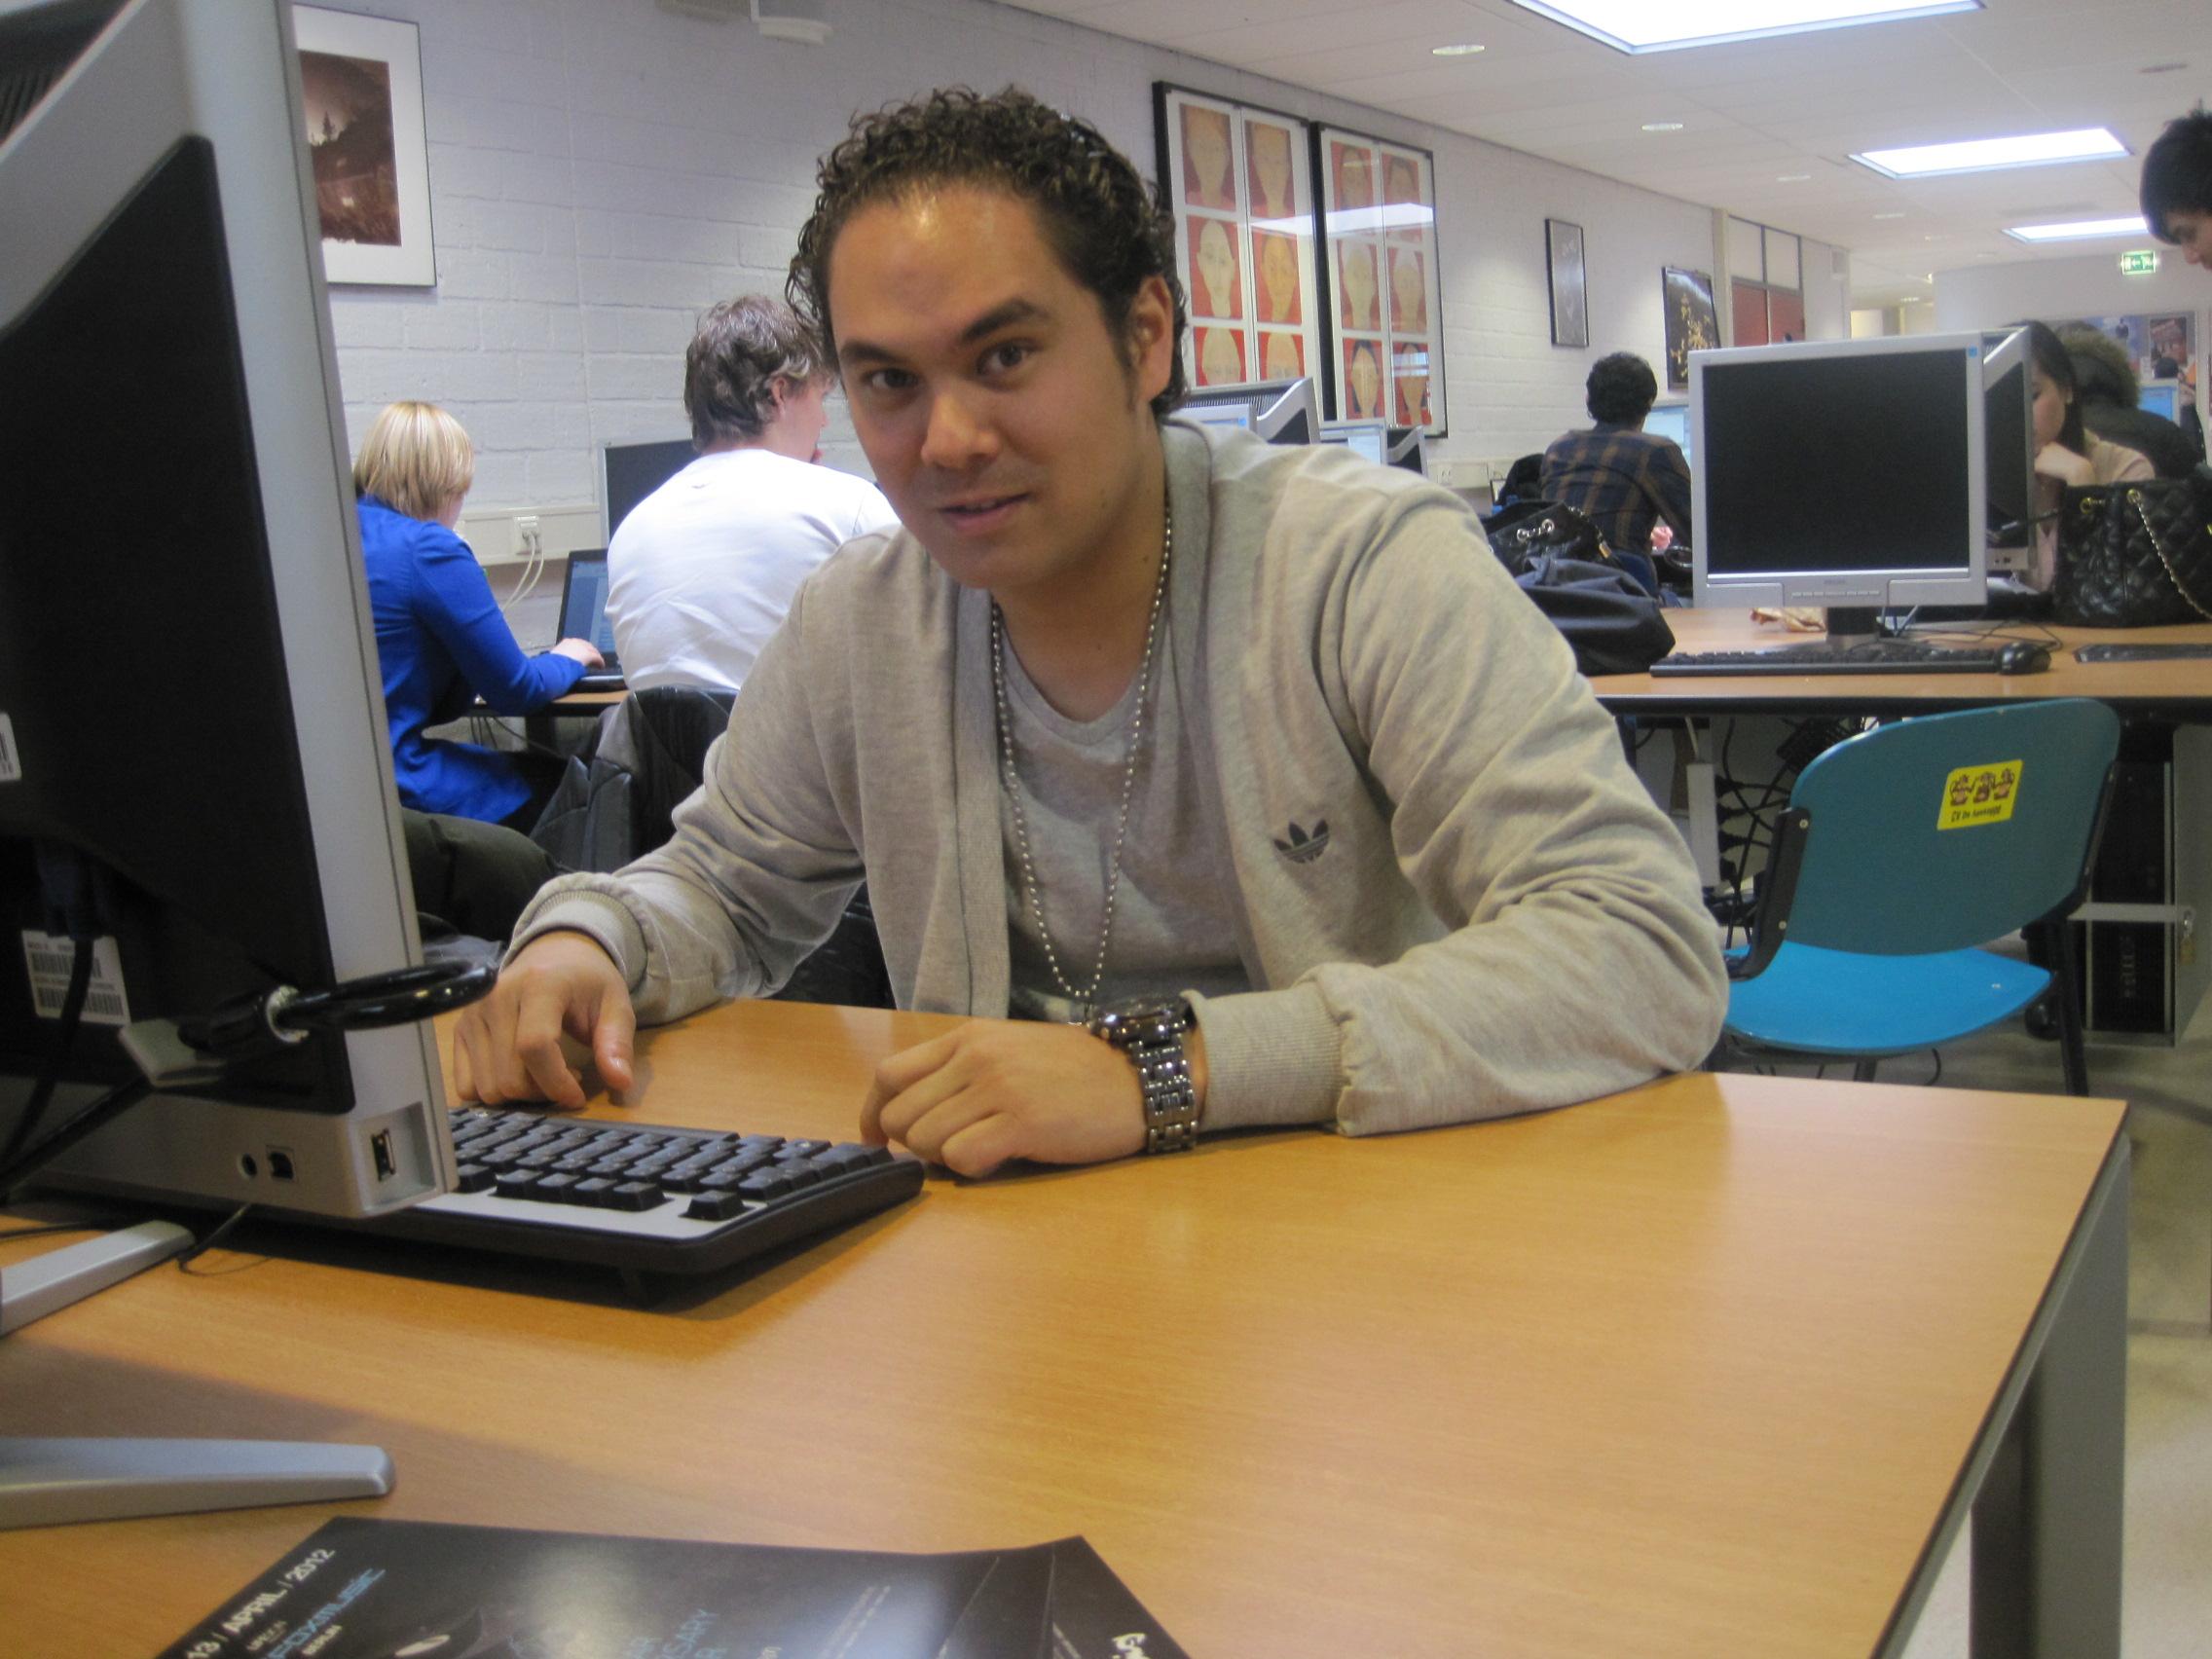 Scriptie schrijven - Gino van Lingen. (c) Charlene Vodegel/ Indisch 3.0 2012.